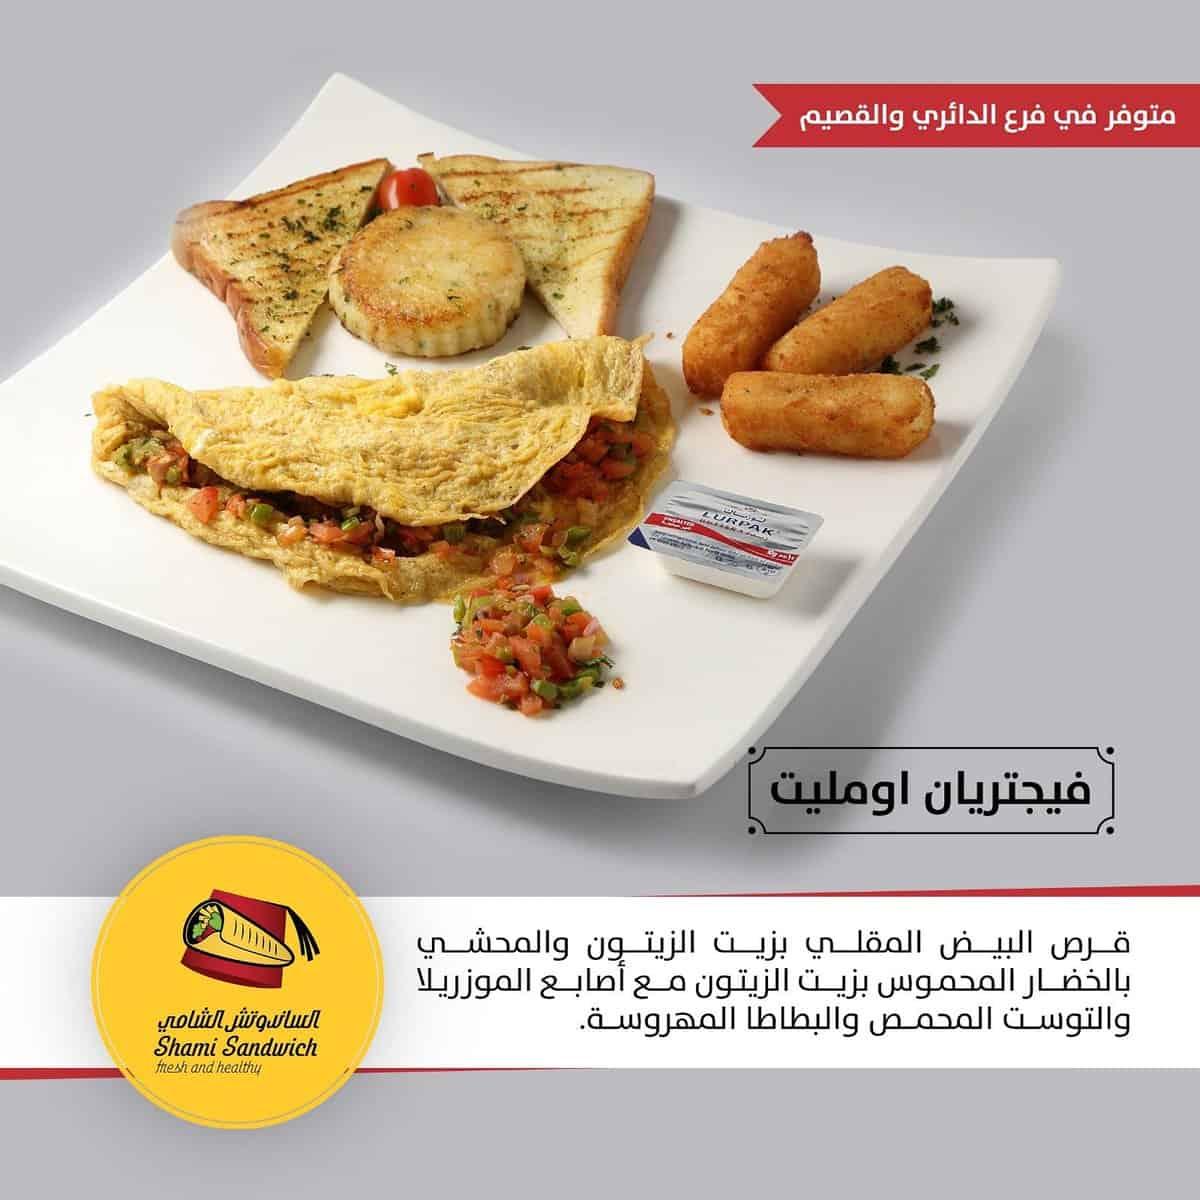 مطعم السندوتش الشامي